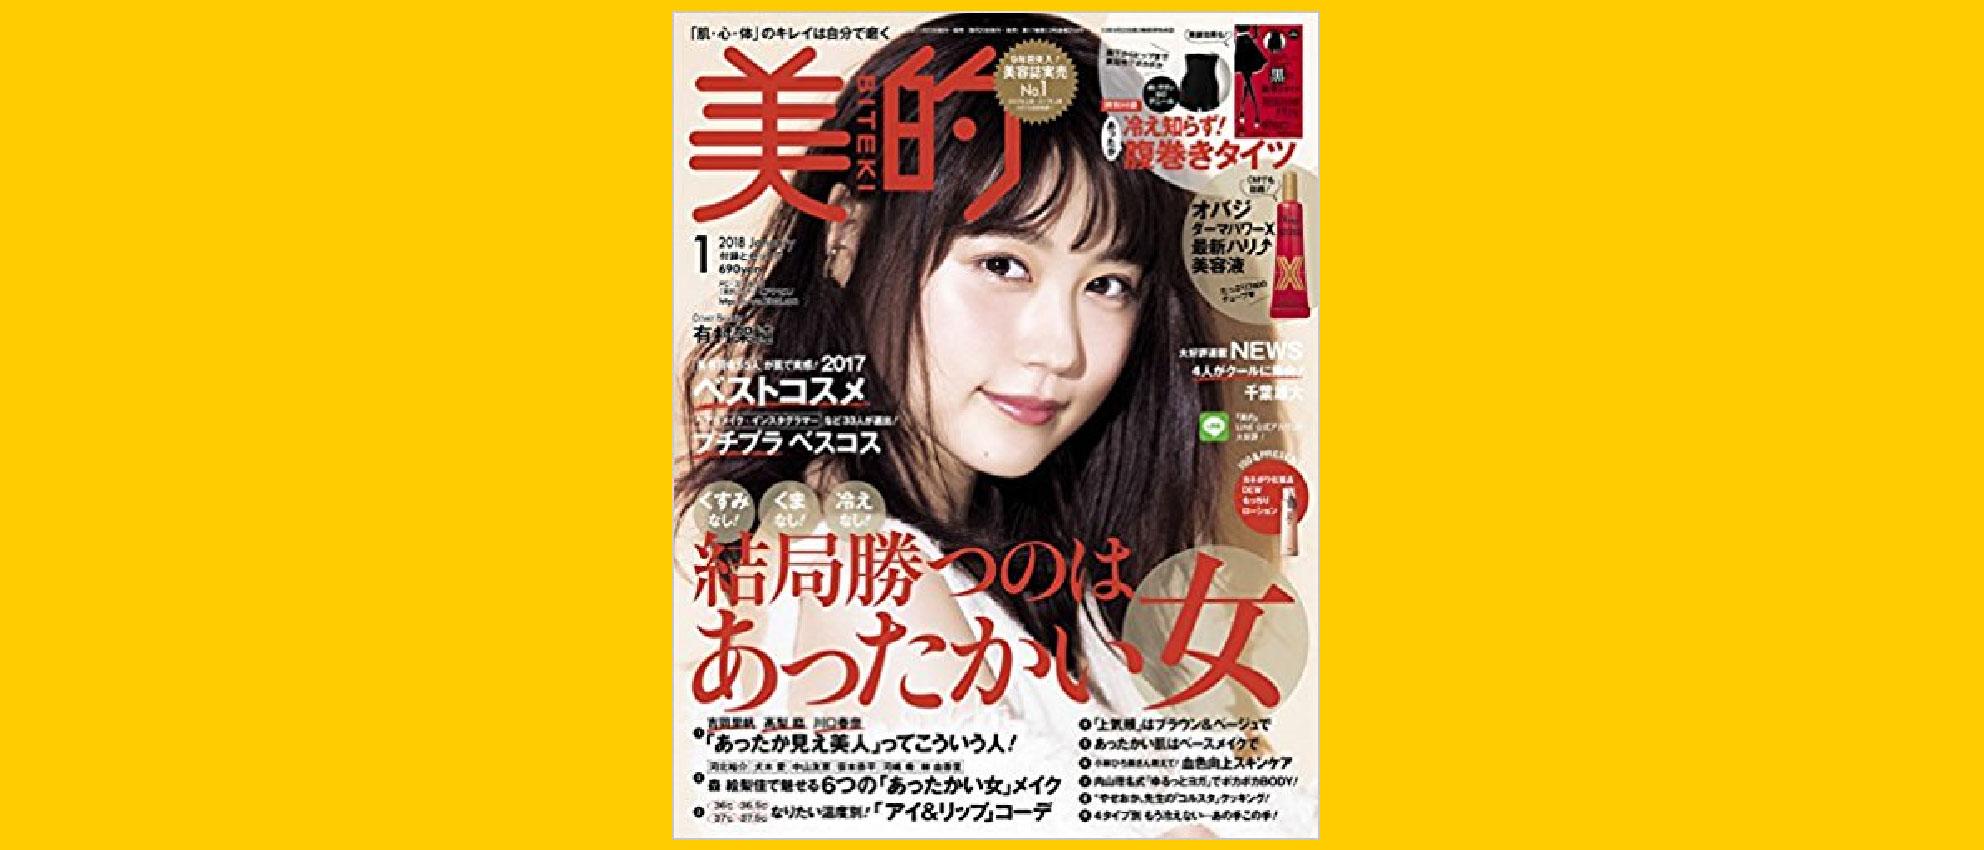 『美的』が2017年上期の美容誌実売No.1に認定されました!